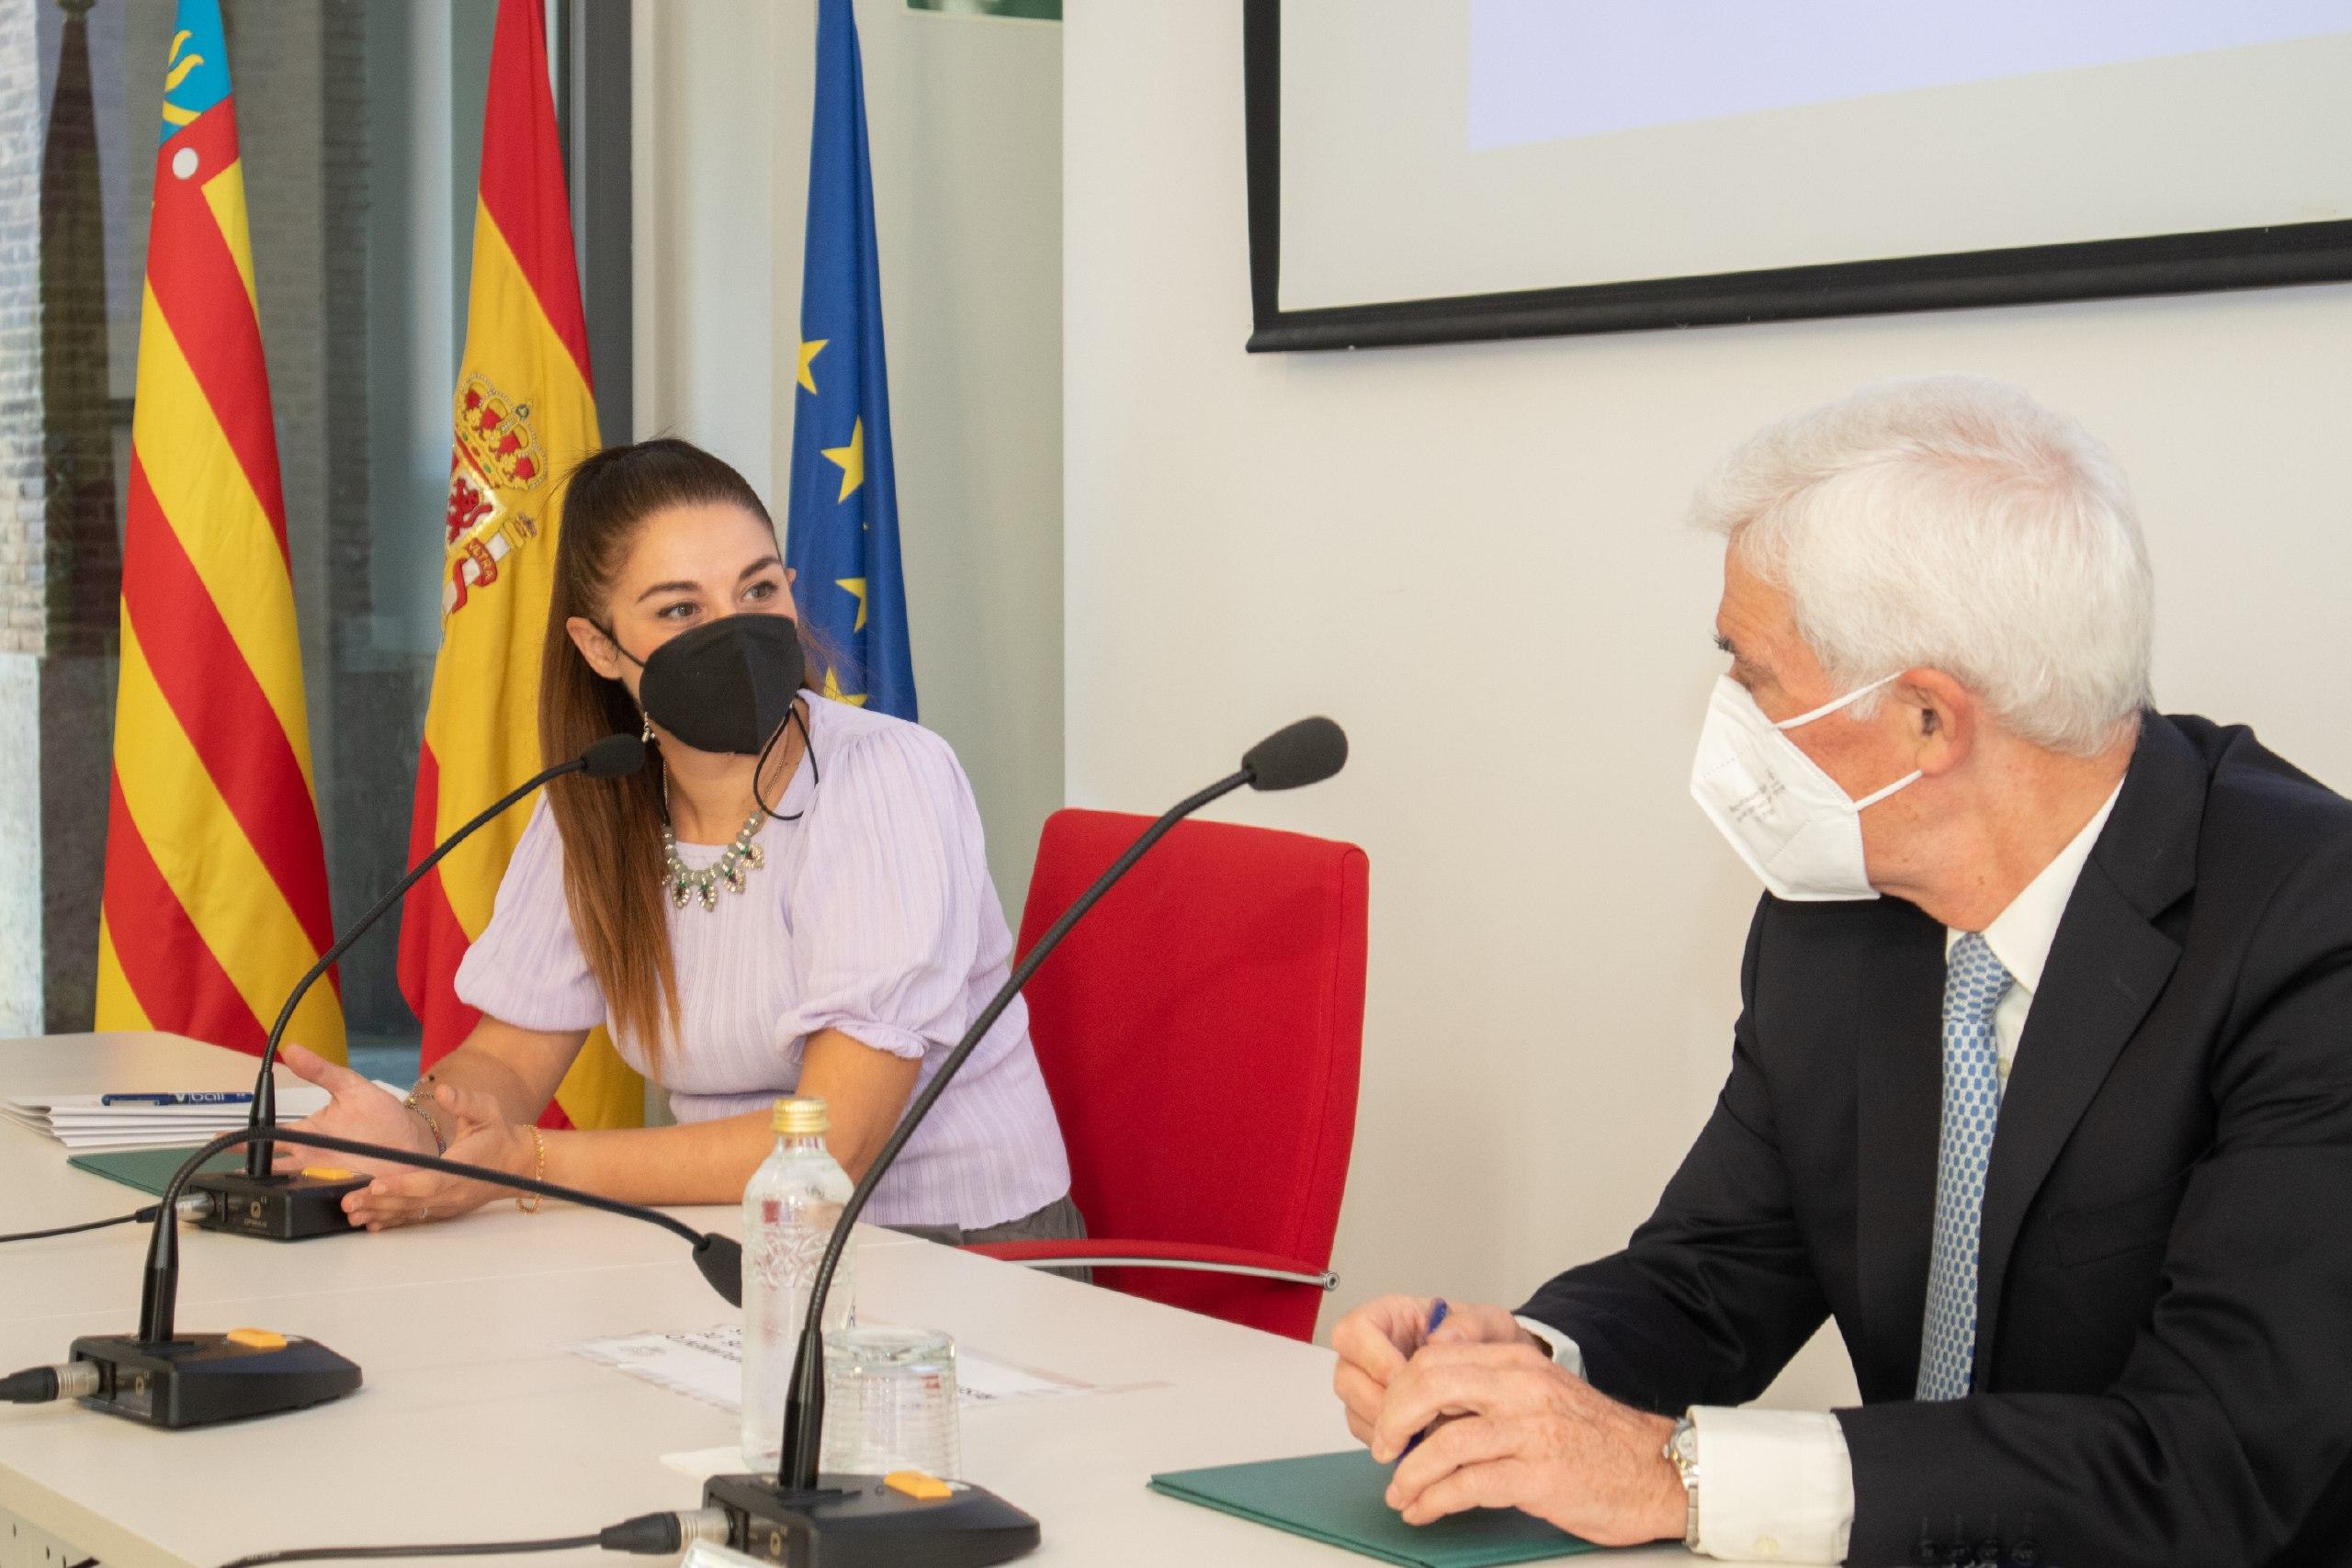 Agricultura aumenta un 53% las aportaciones a Agroseguro con respecto al presupuesto de 2015